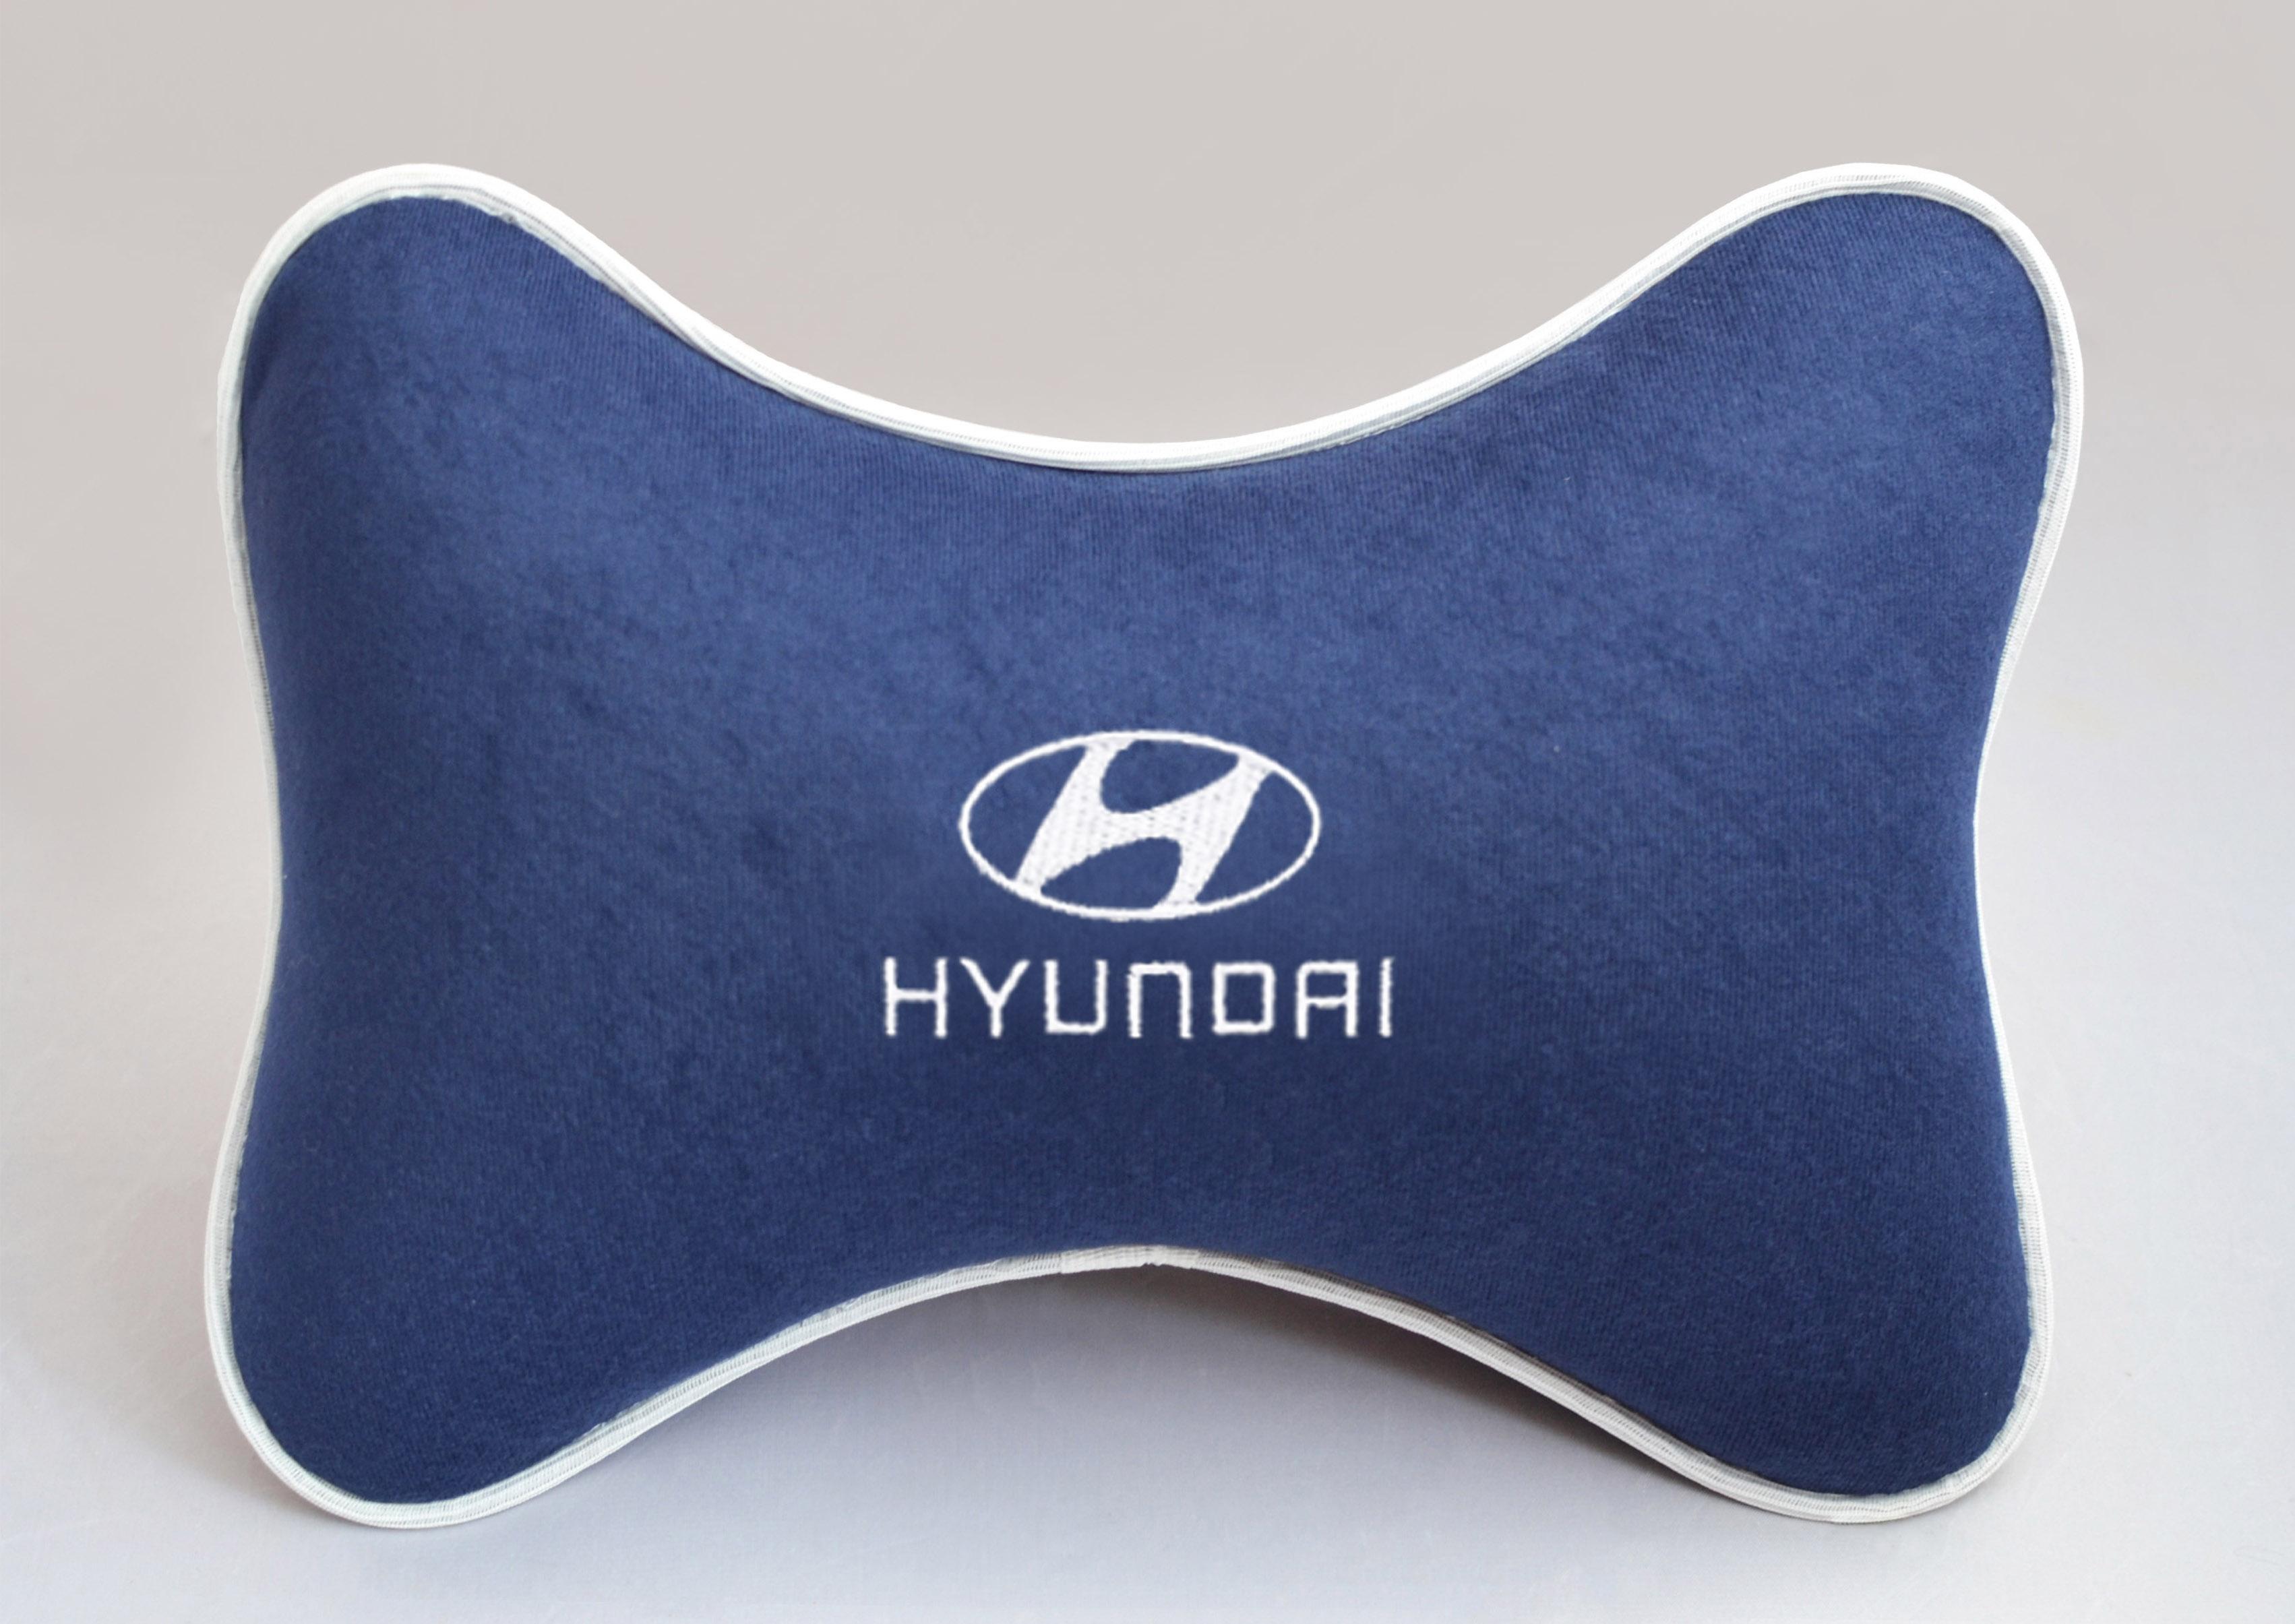 Подушка на подголовник из синего велюра HYUNDAI